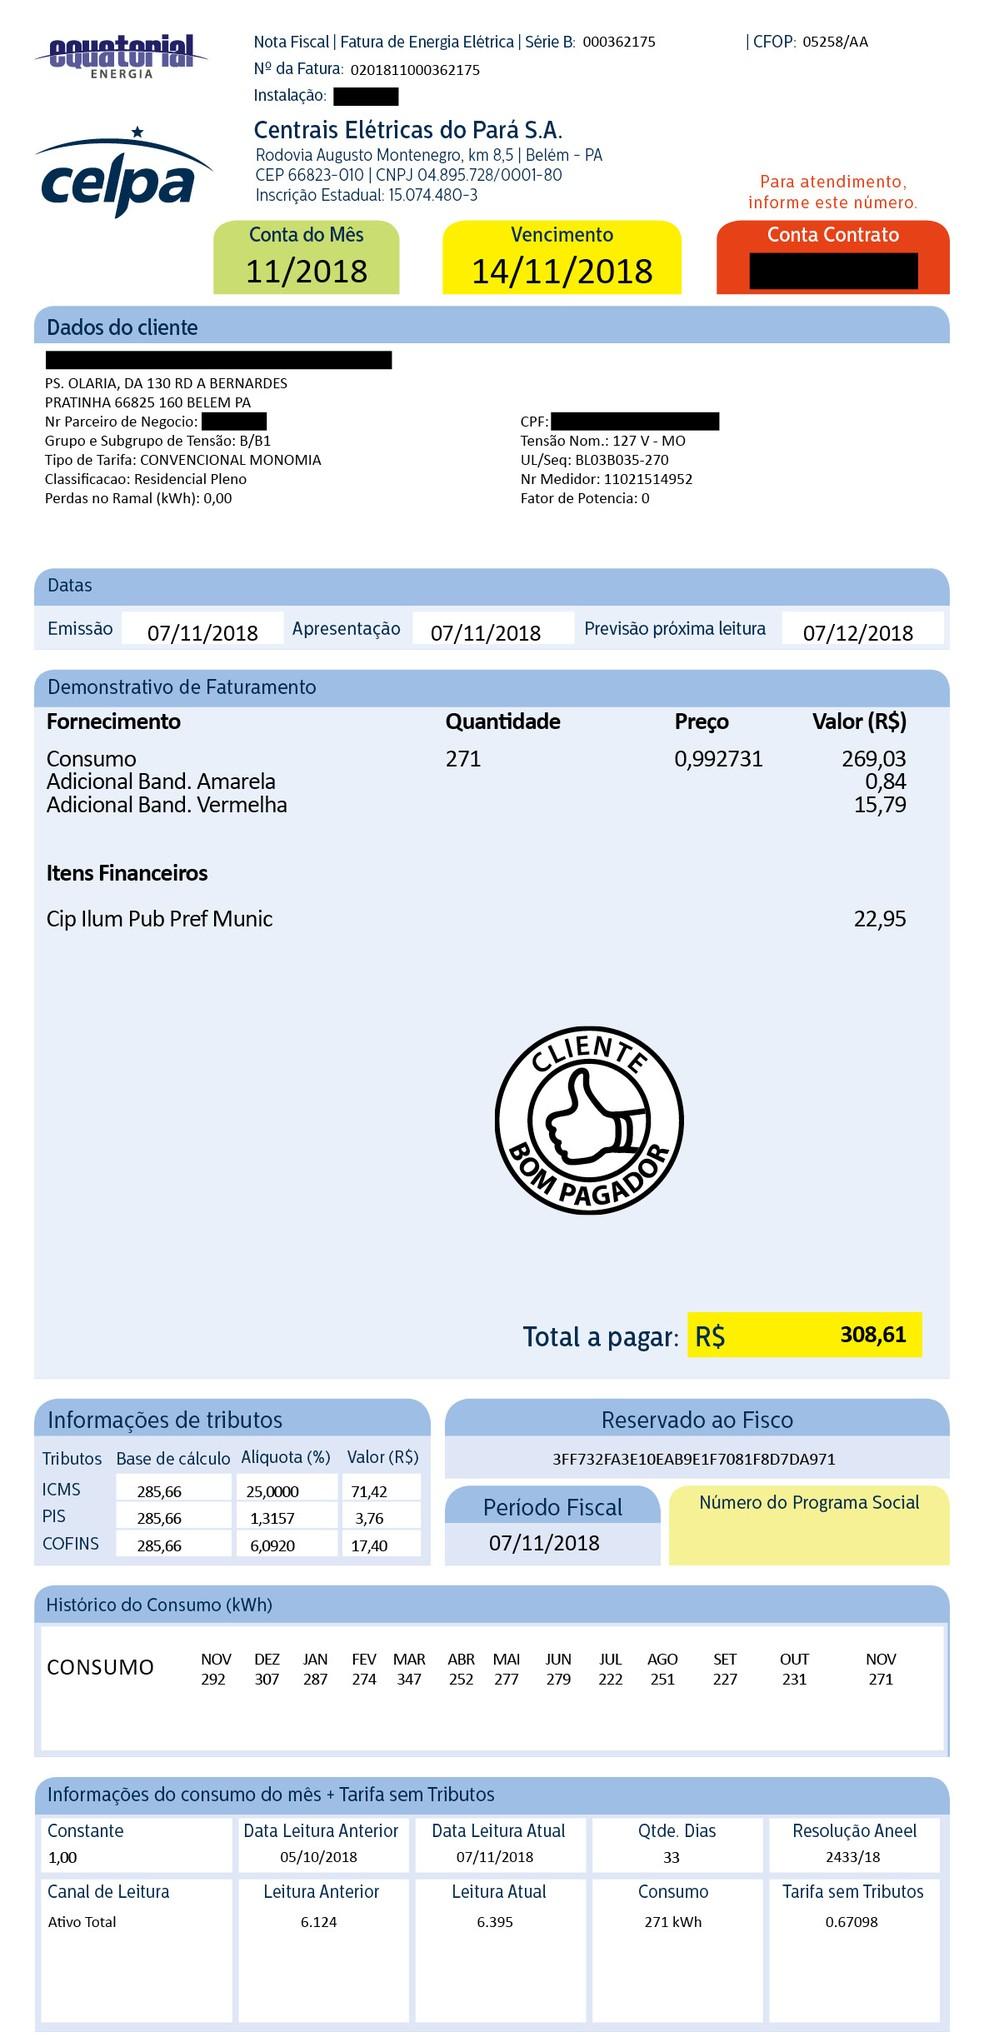 Celpa tira dúvidas de consumidores sobre as cobranças nas faturas em site. — Foto: Reprodução / Celpa